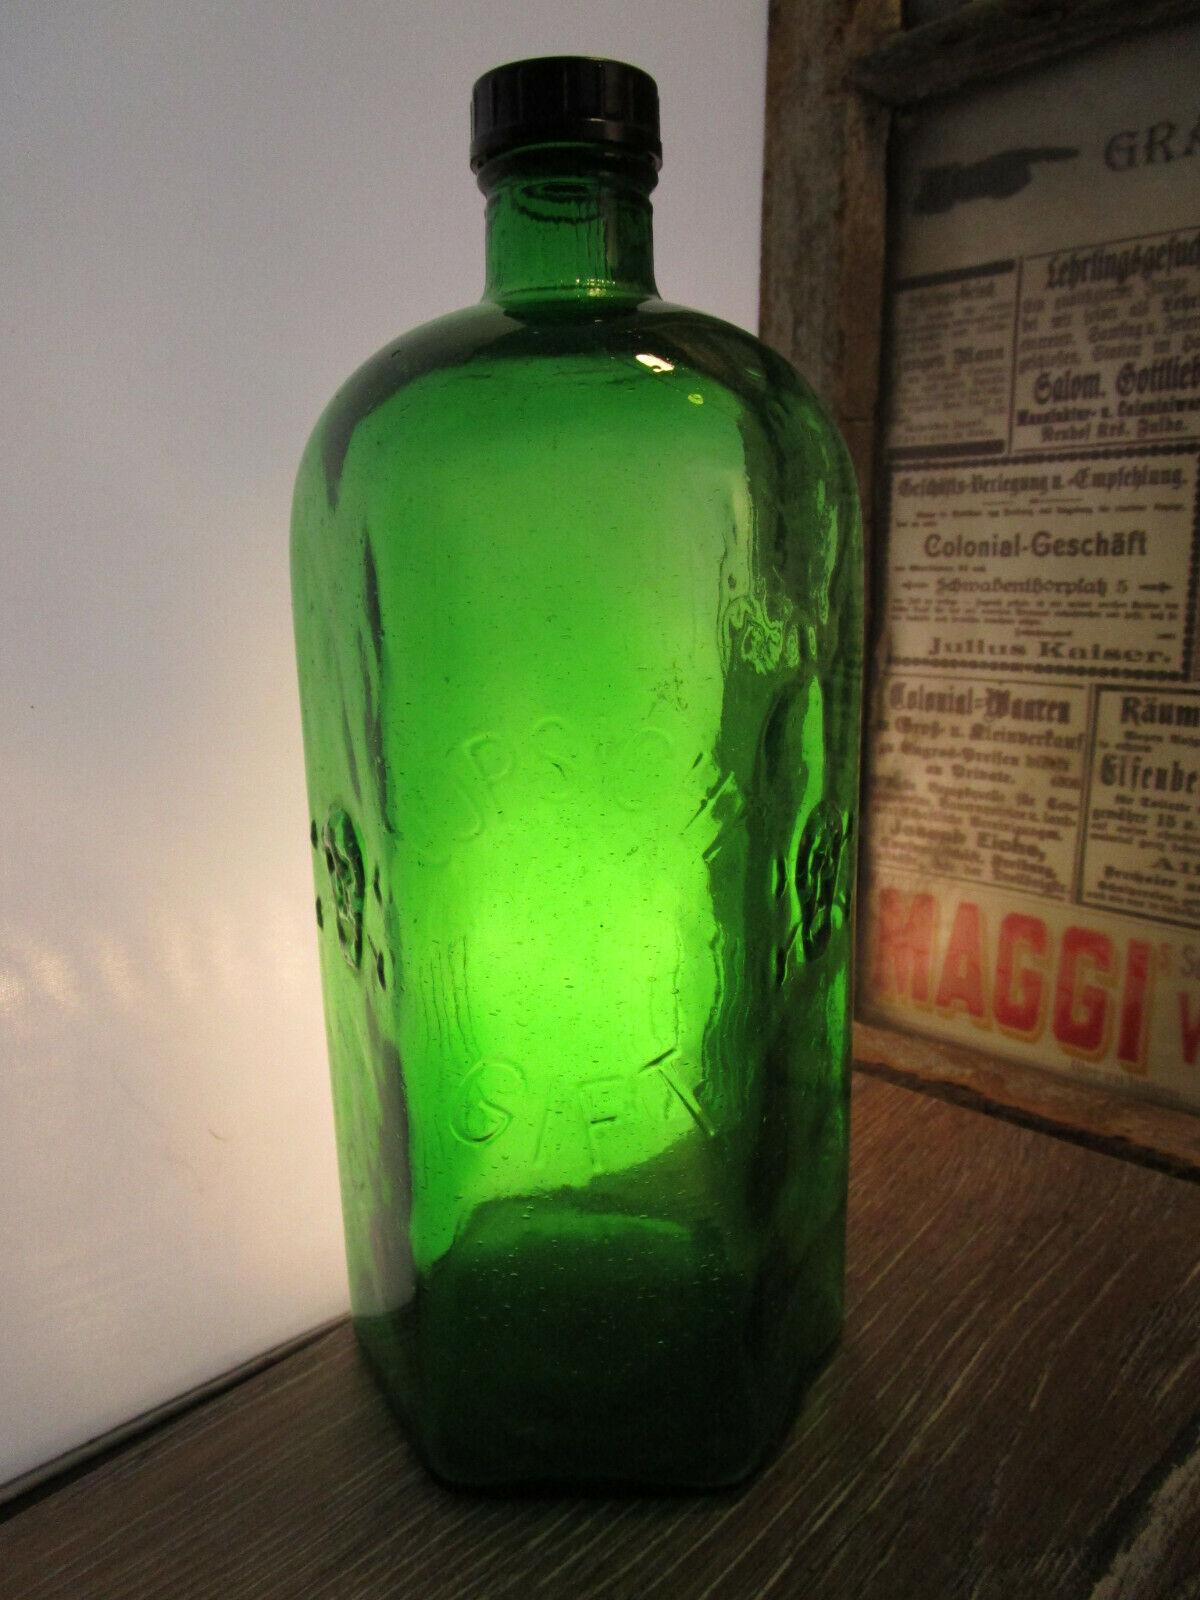 SELTEN RIESIGE 1000ml Giftflasche Flasche Vorratsflasche Totenkopf c1930